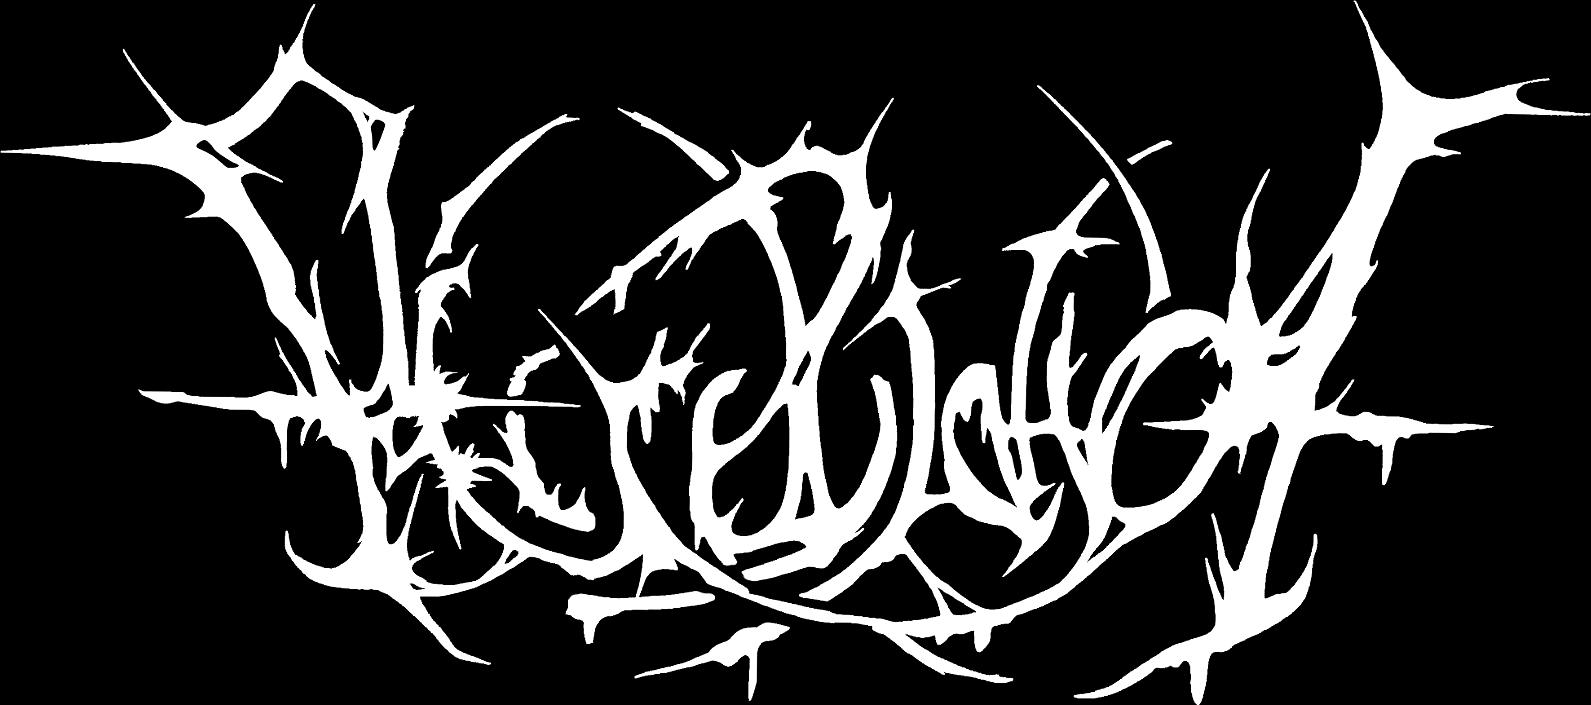 Dekrepitation - Logo